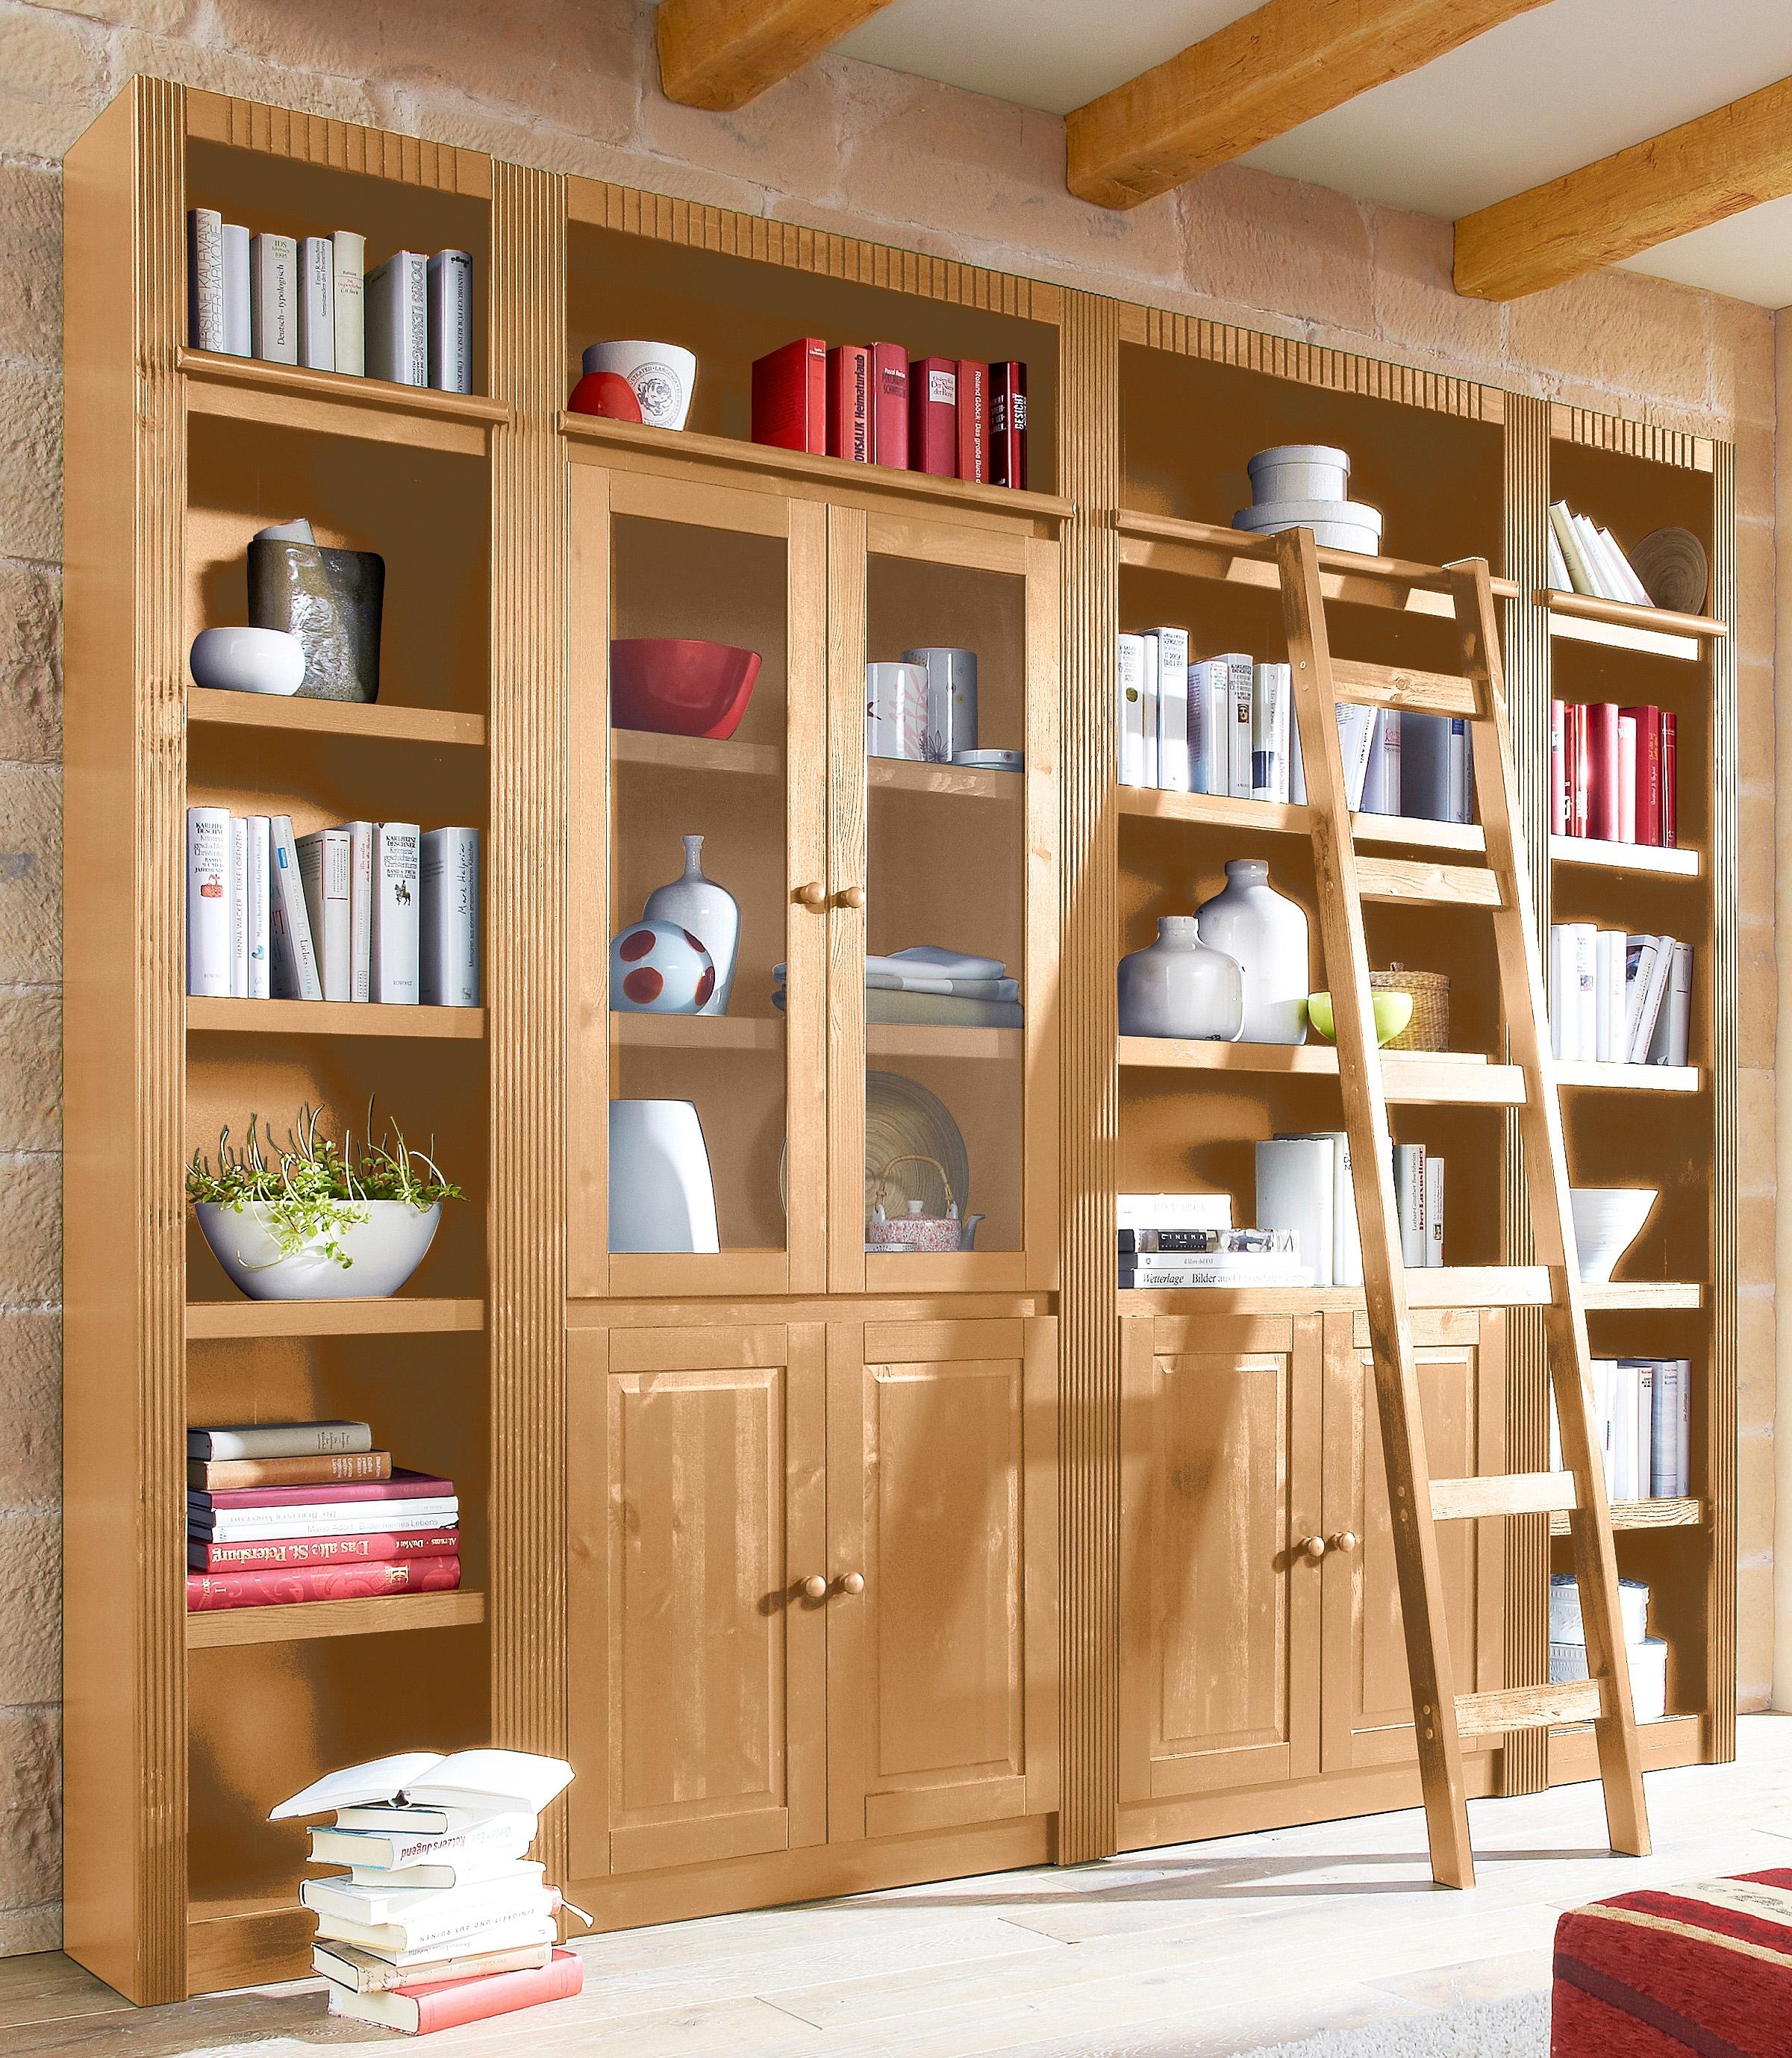 Home affaire Kastenwand Bergen van mooi massief grenenhout, breedte 255 cm nu online kopen bij OTTO